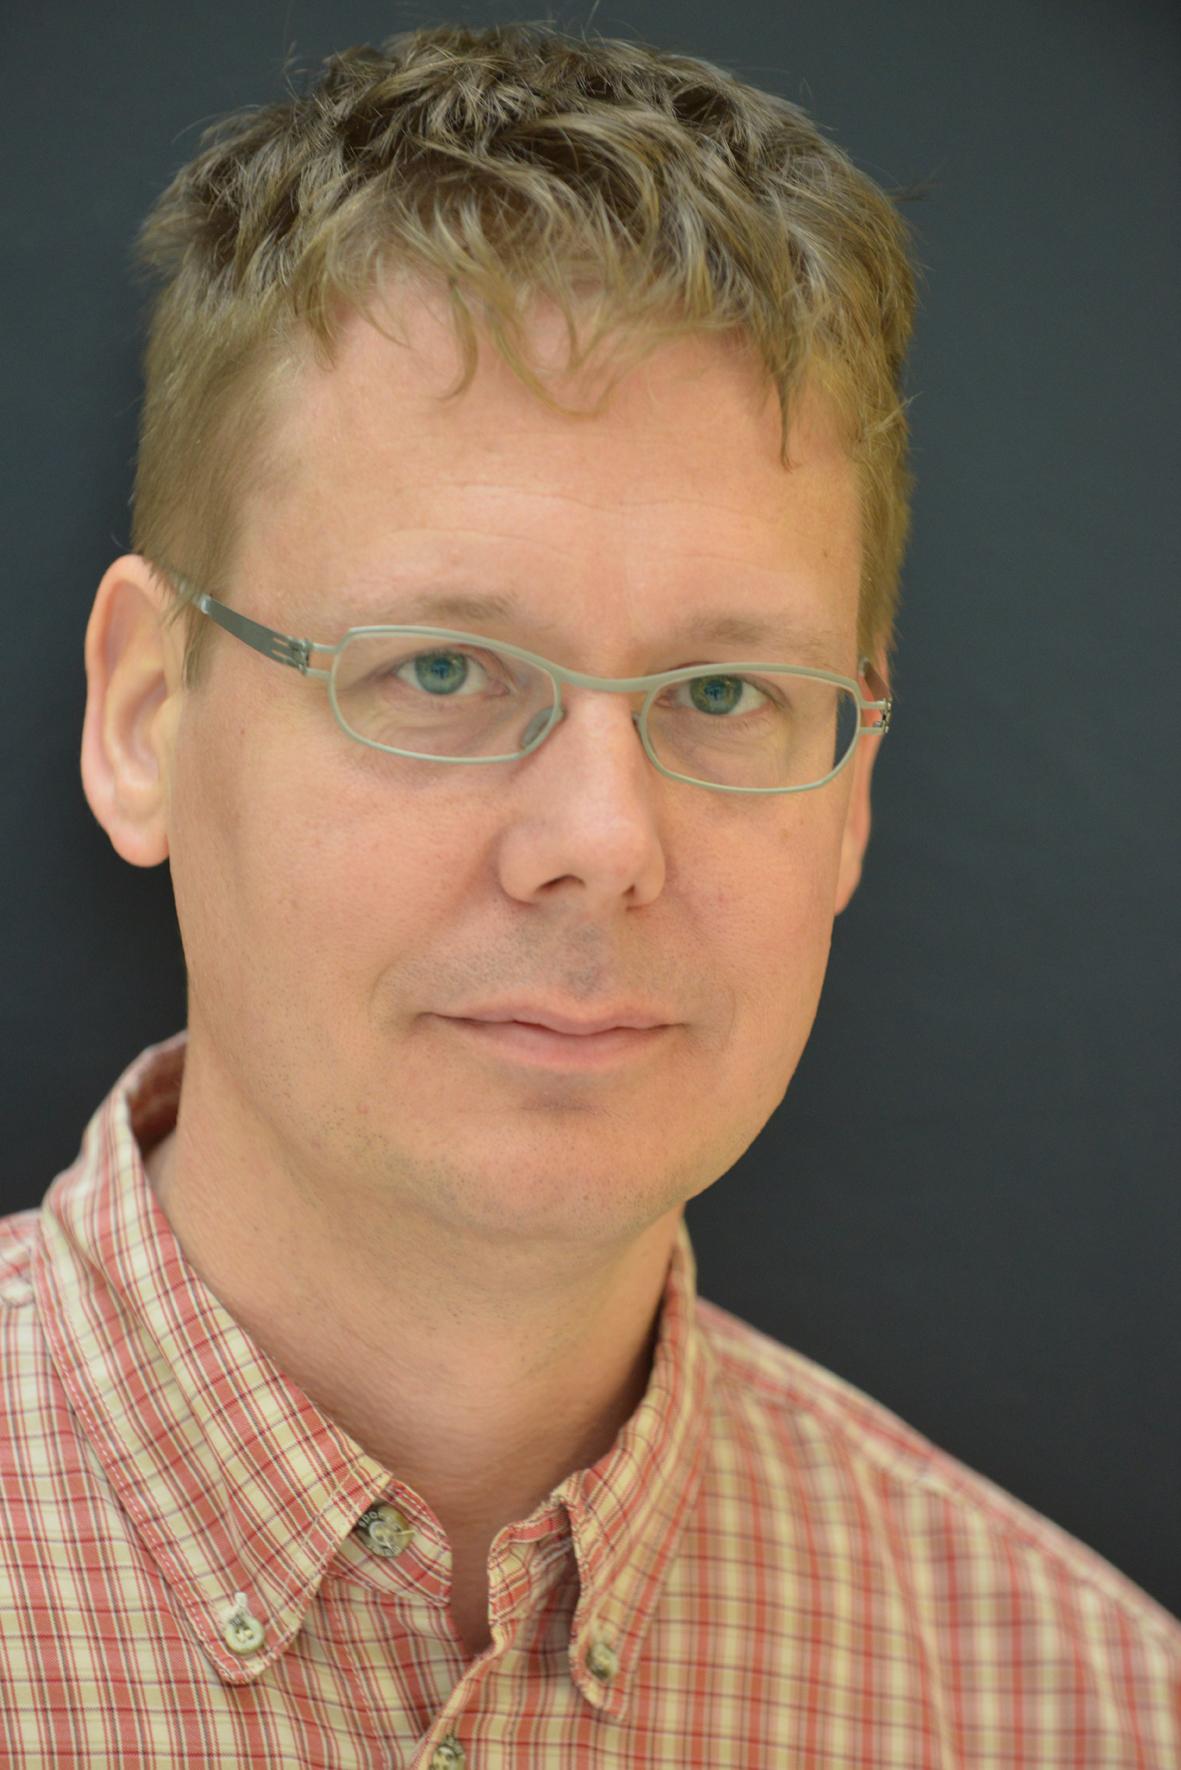 Jens Duebel